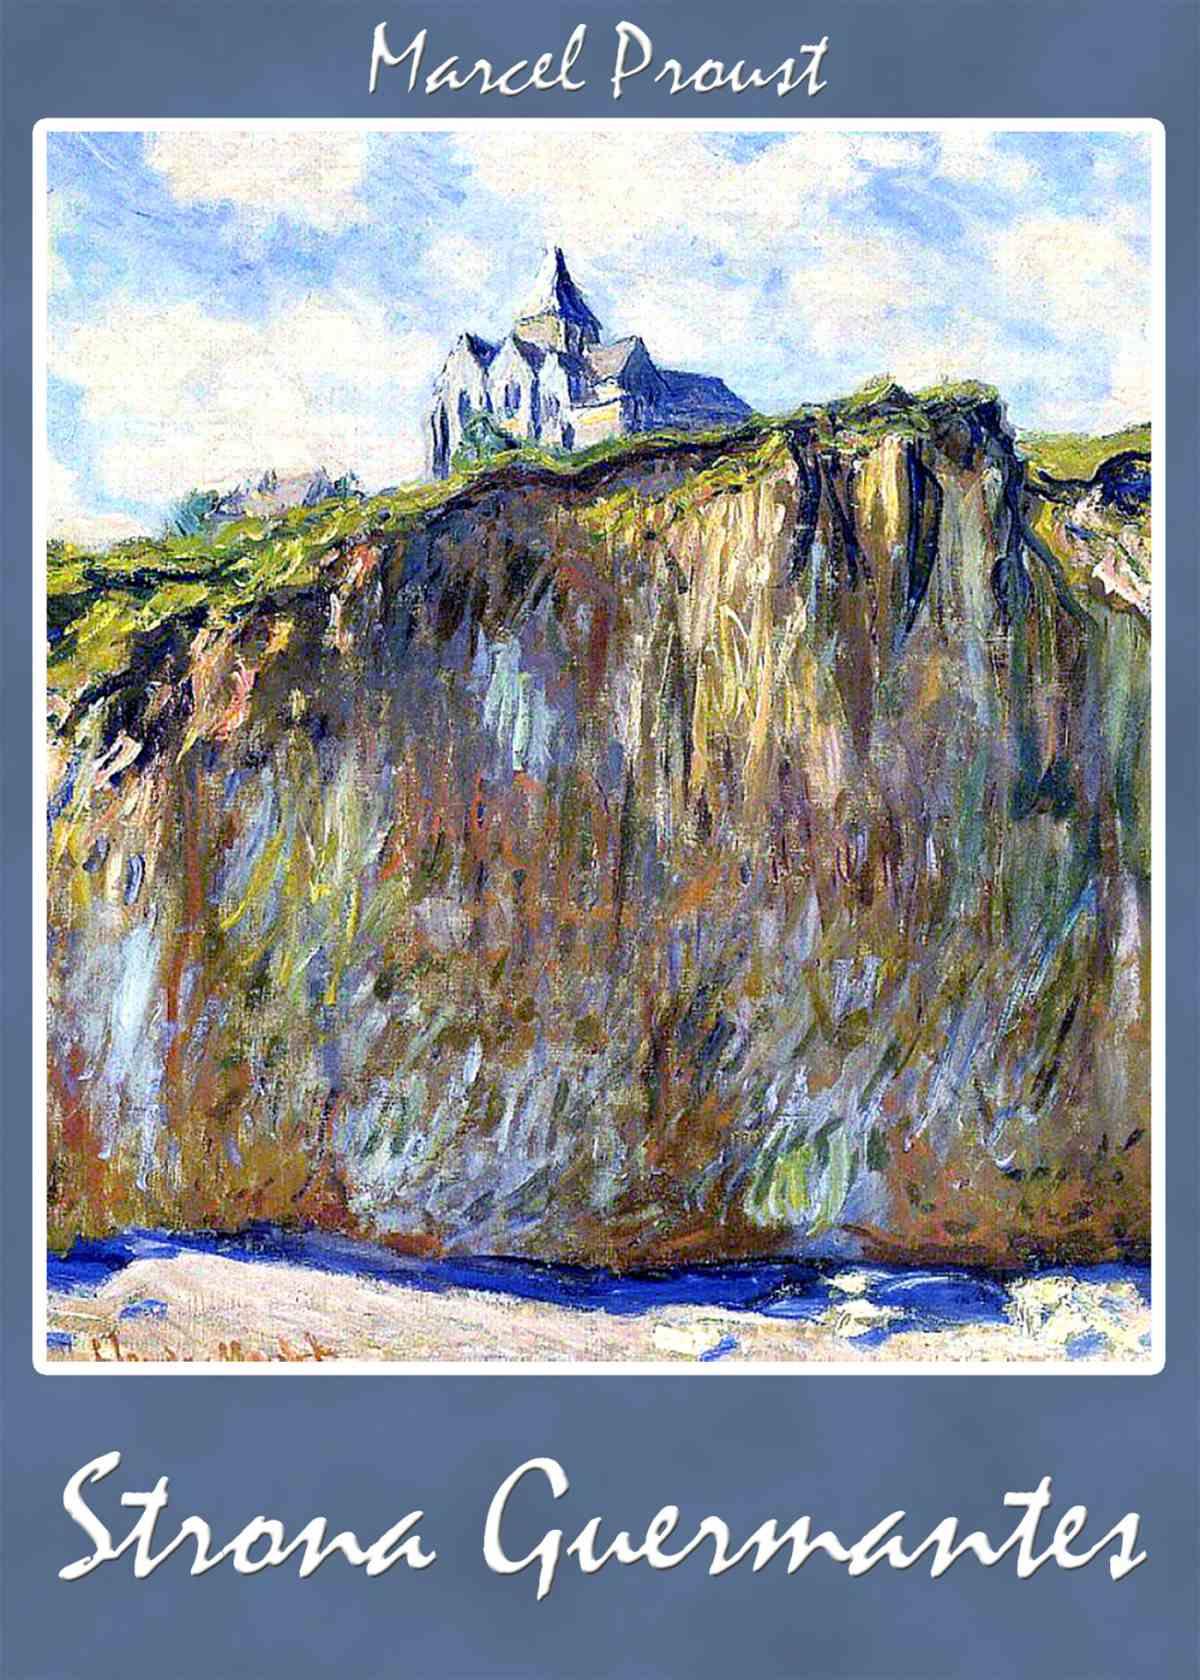 Strona Guermantes - Ebook (Książka EPUB) do pobrania w formacie EPUB